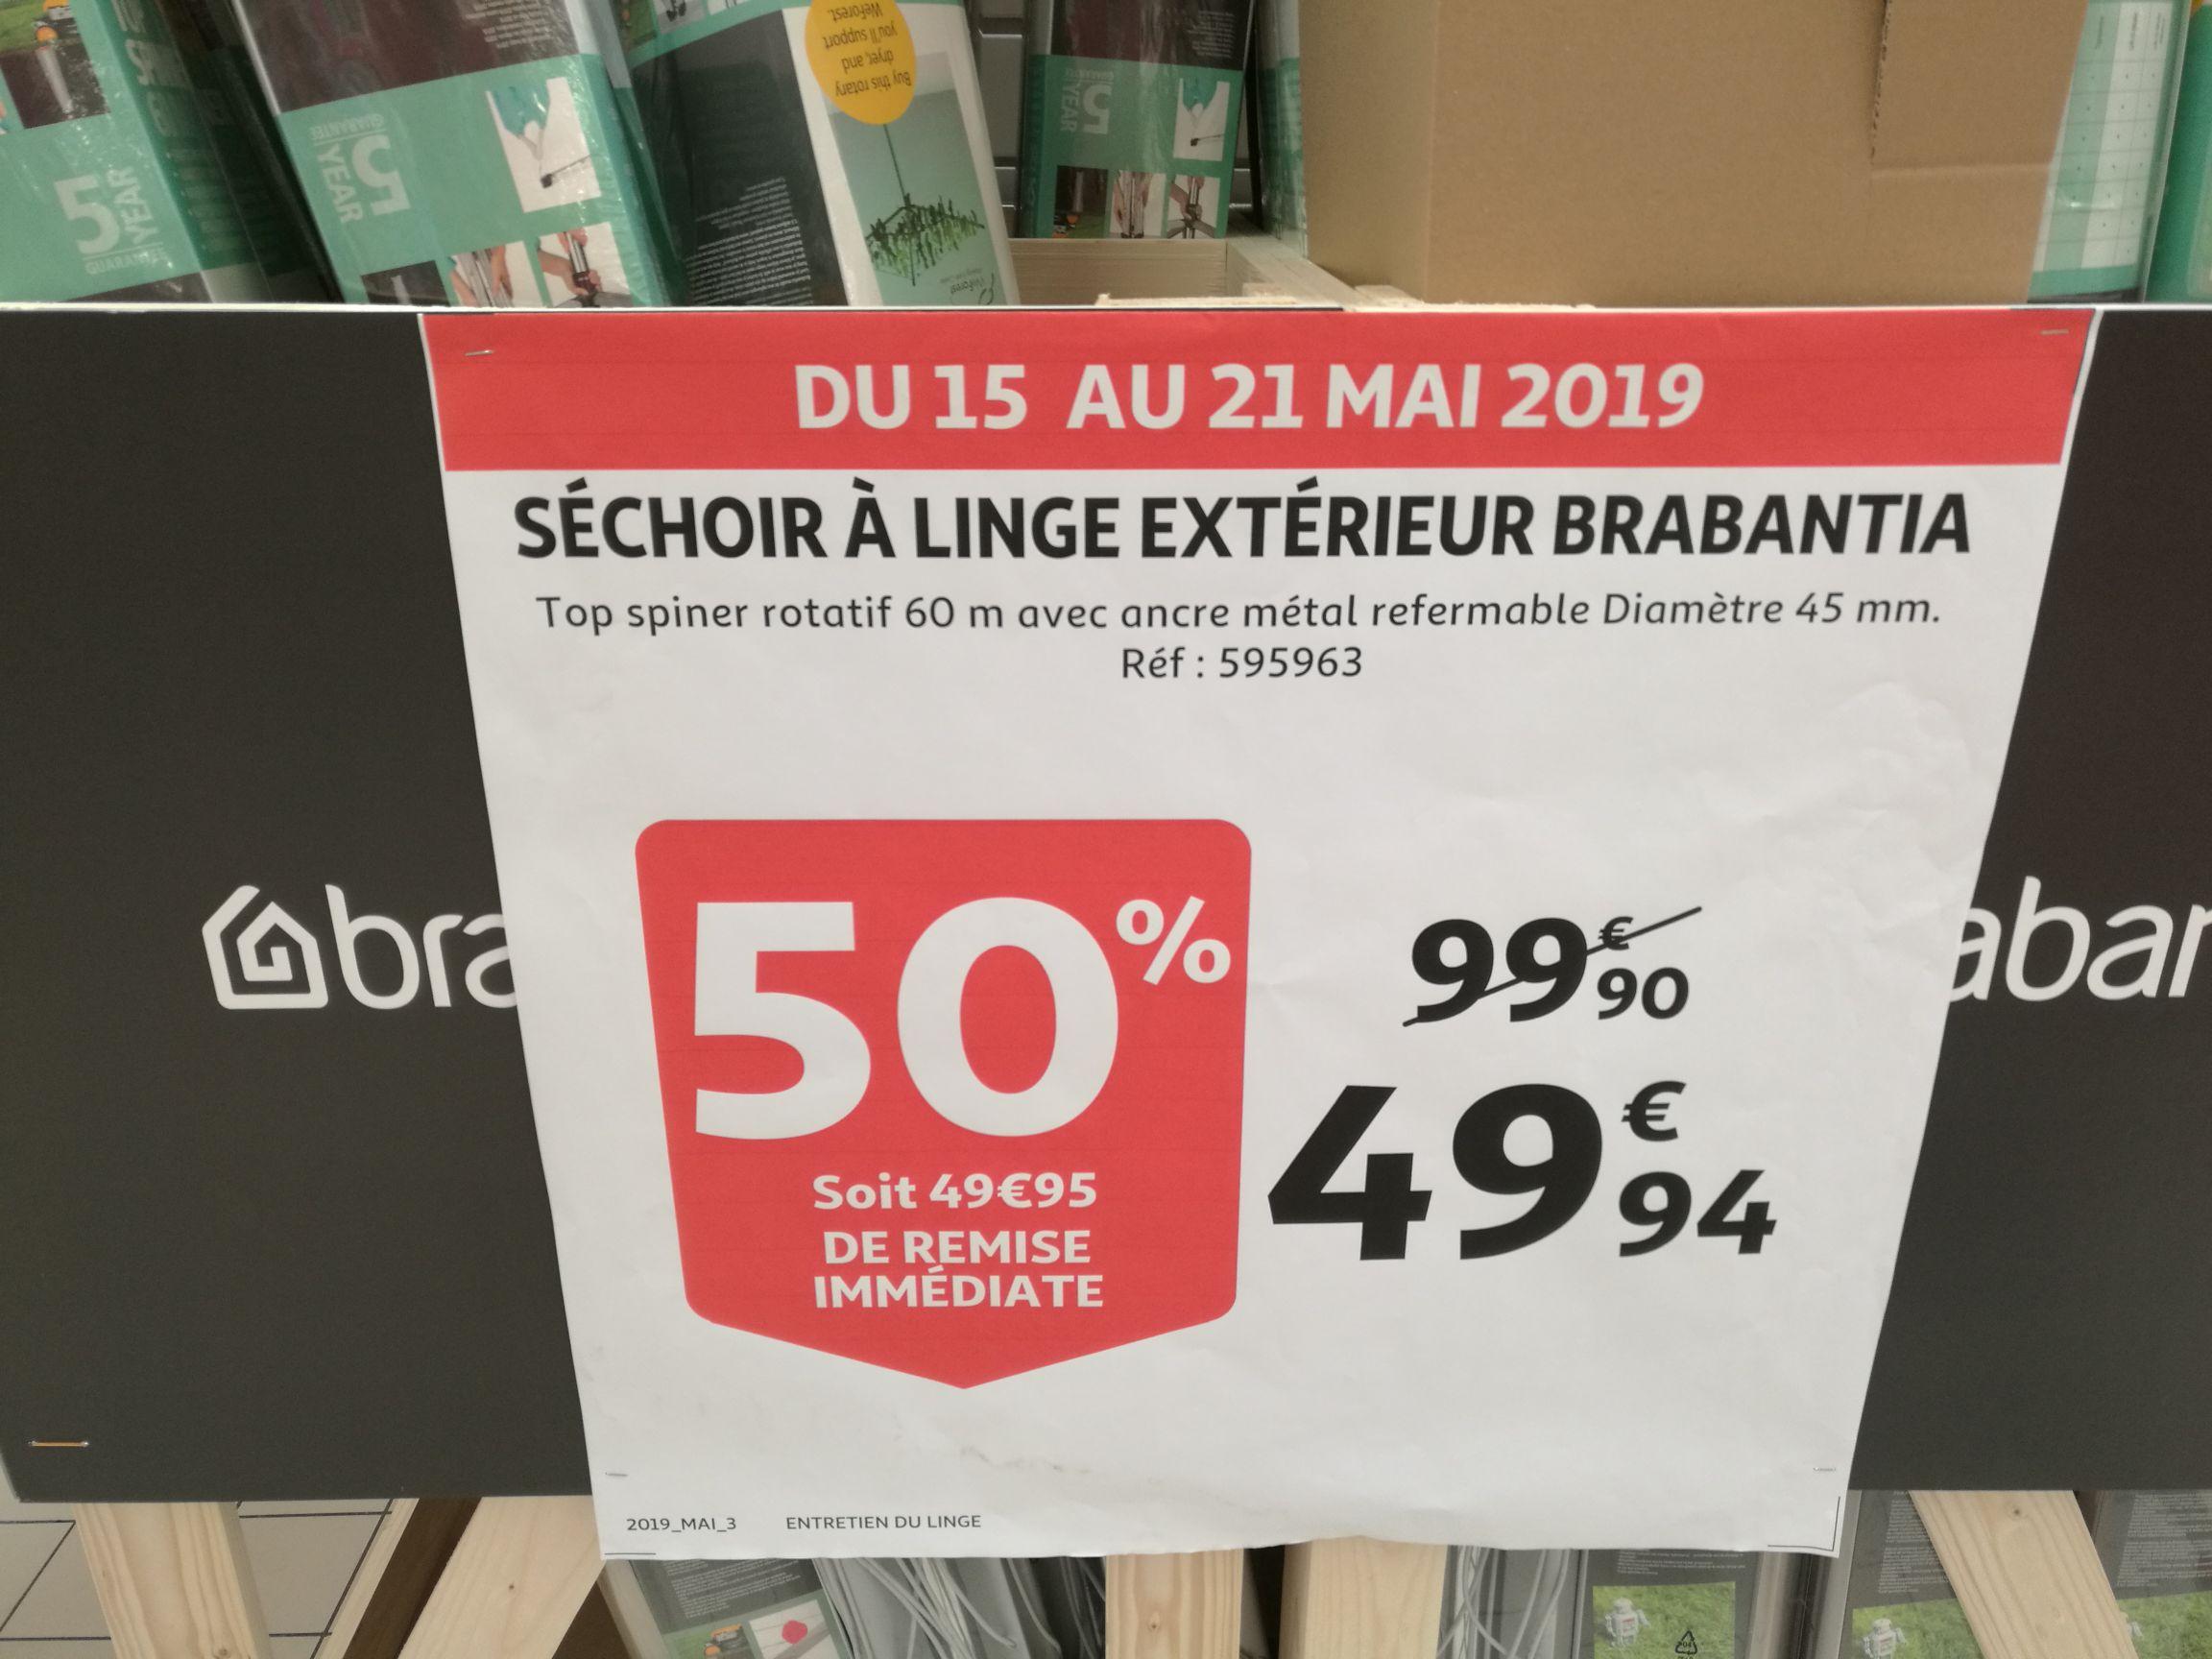 Séchoir à linge extérieur Brabantia 60m - Plaisir (78)